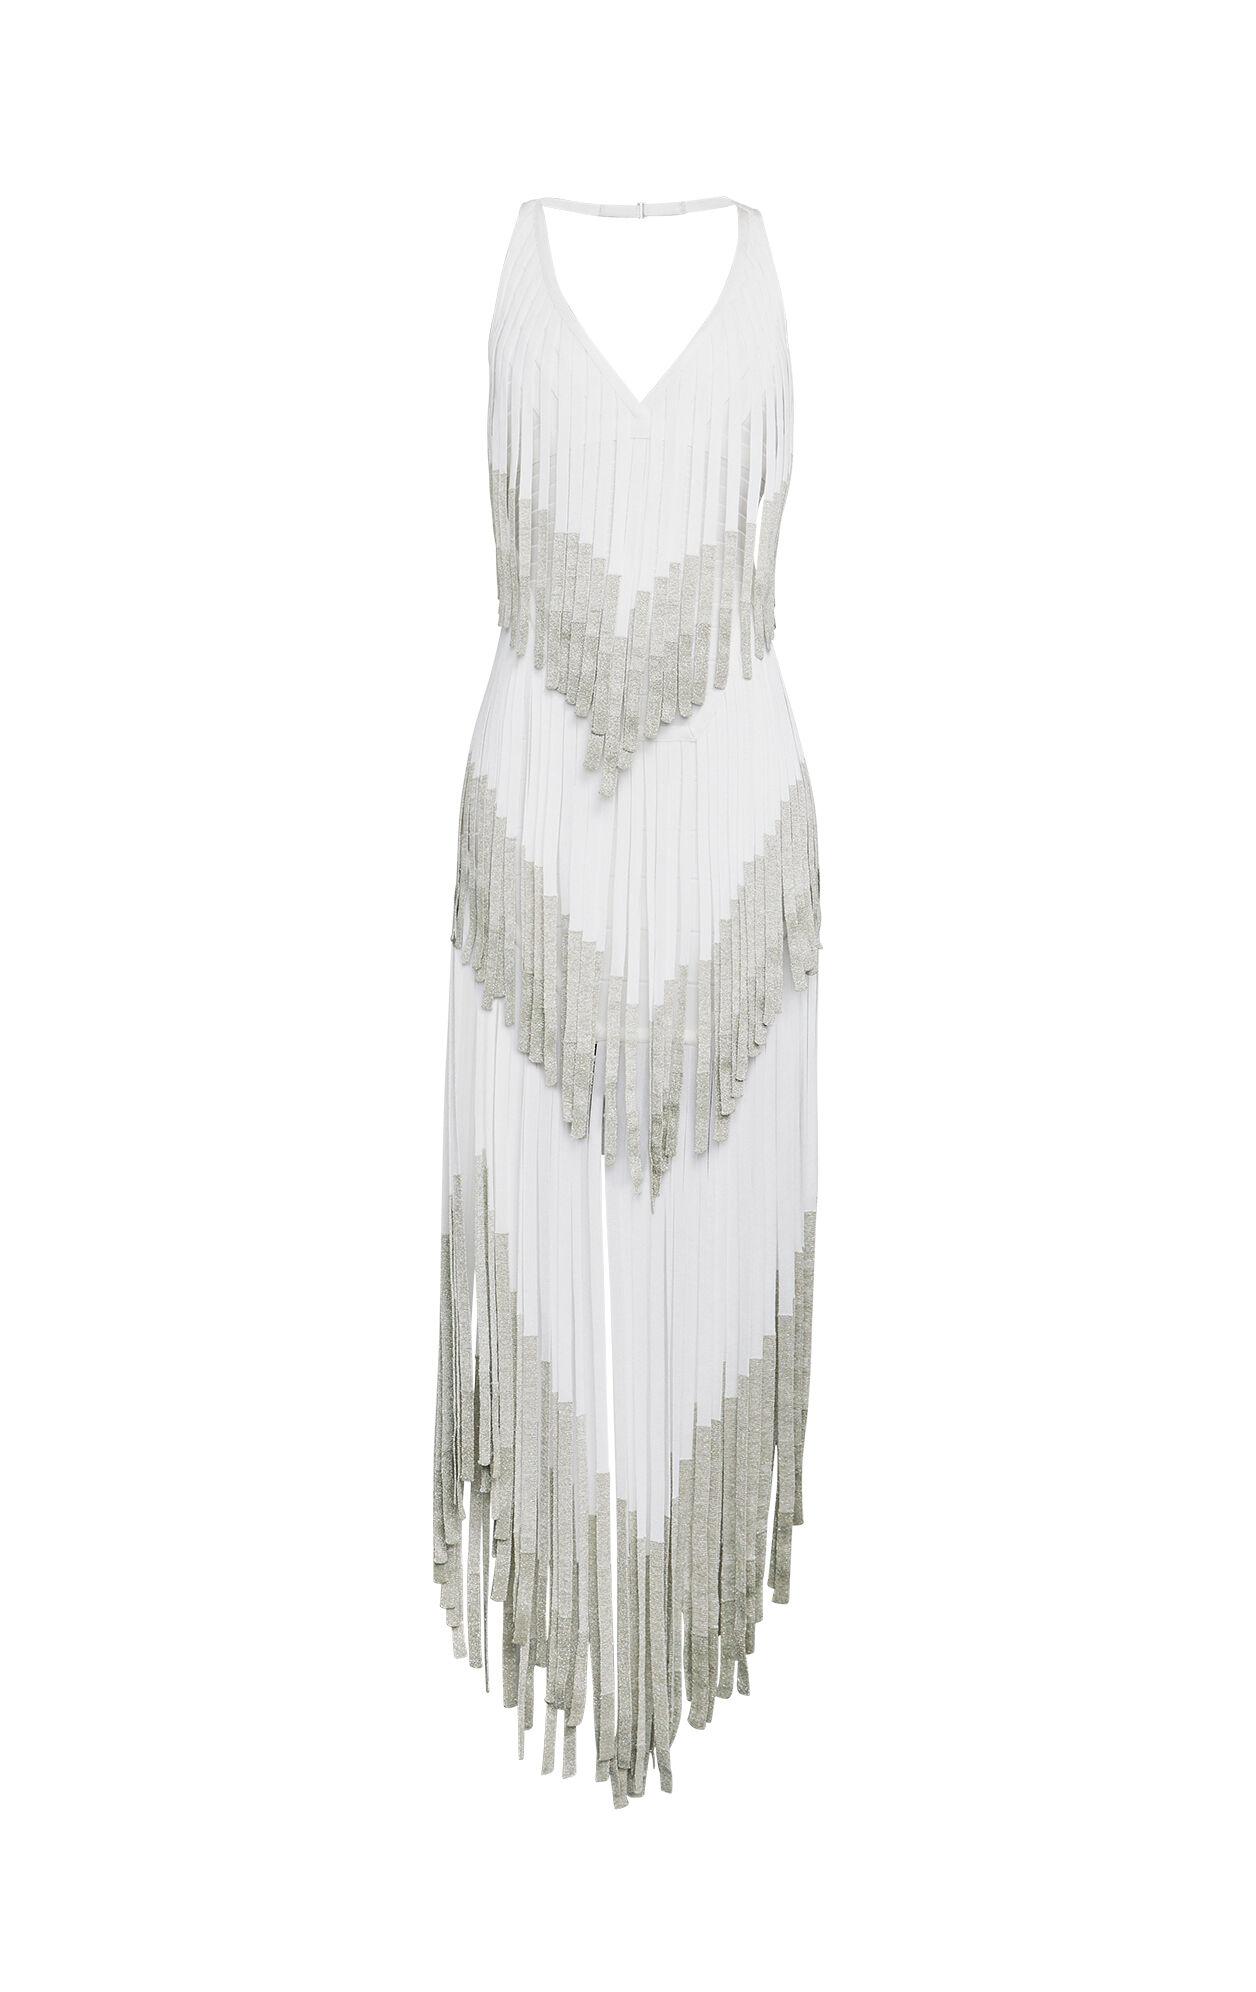 Izabel Metallic Fringe Bandage Dress